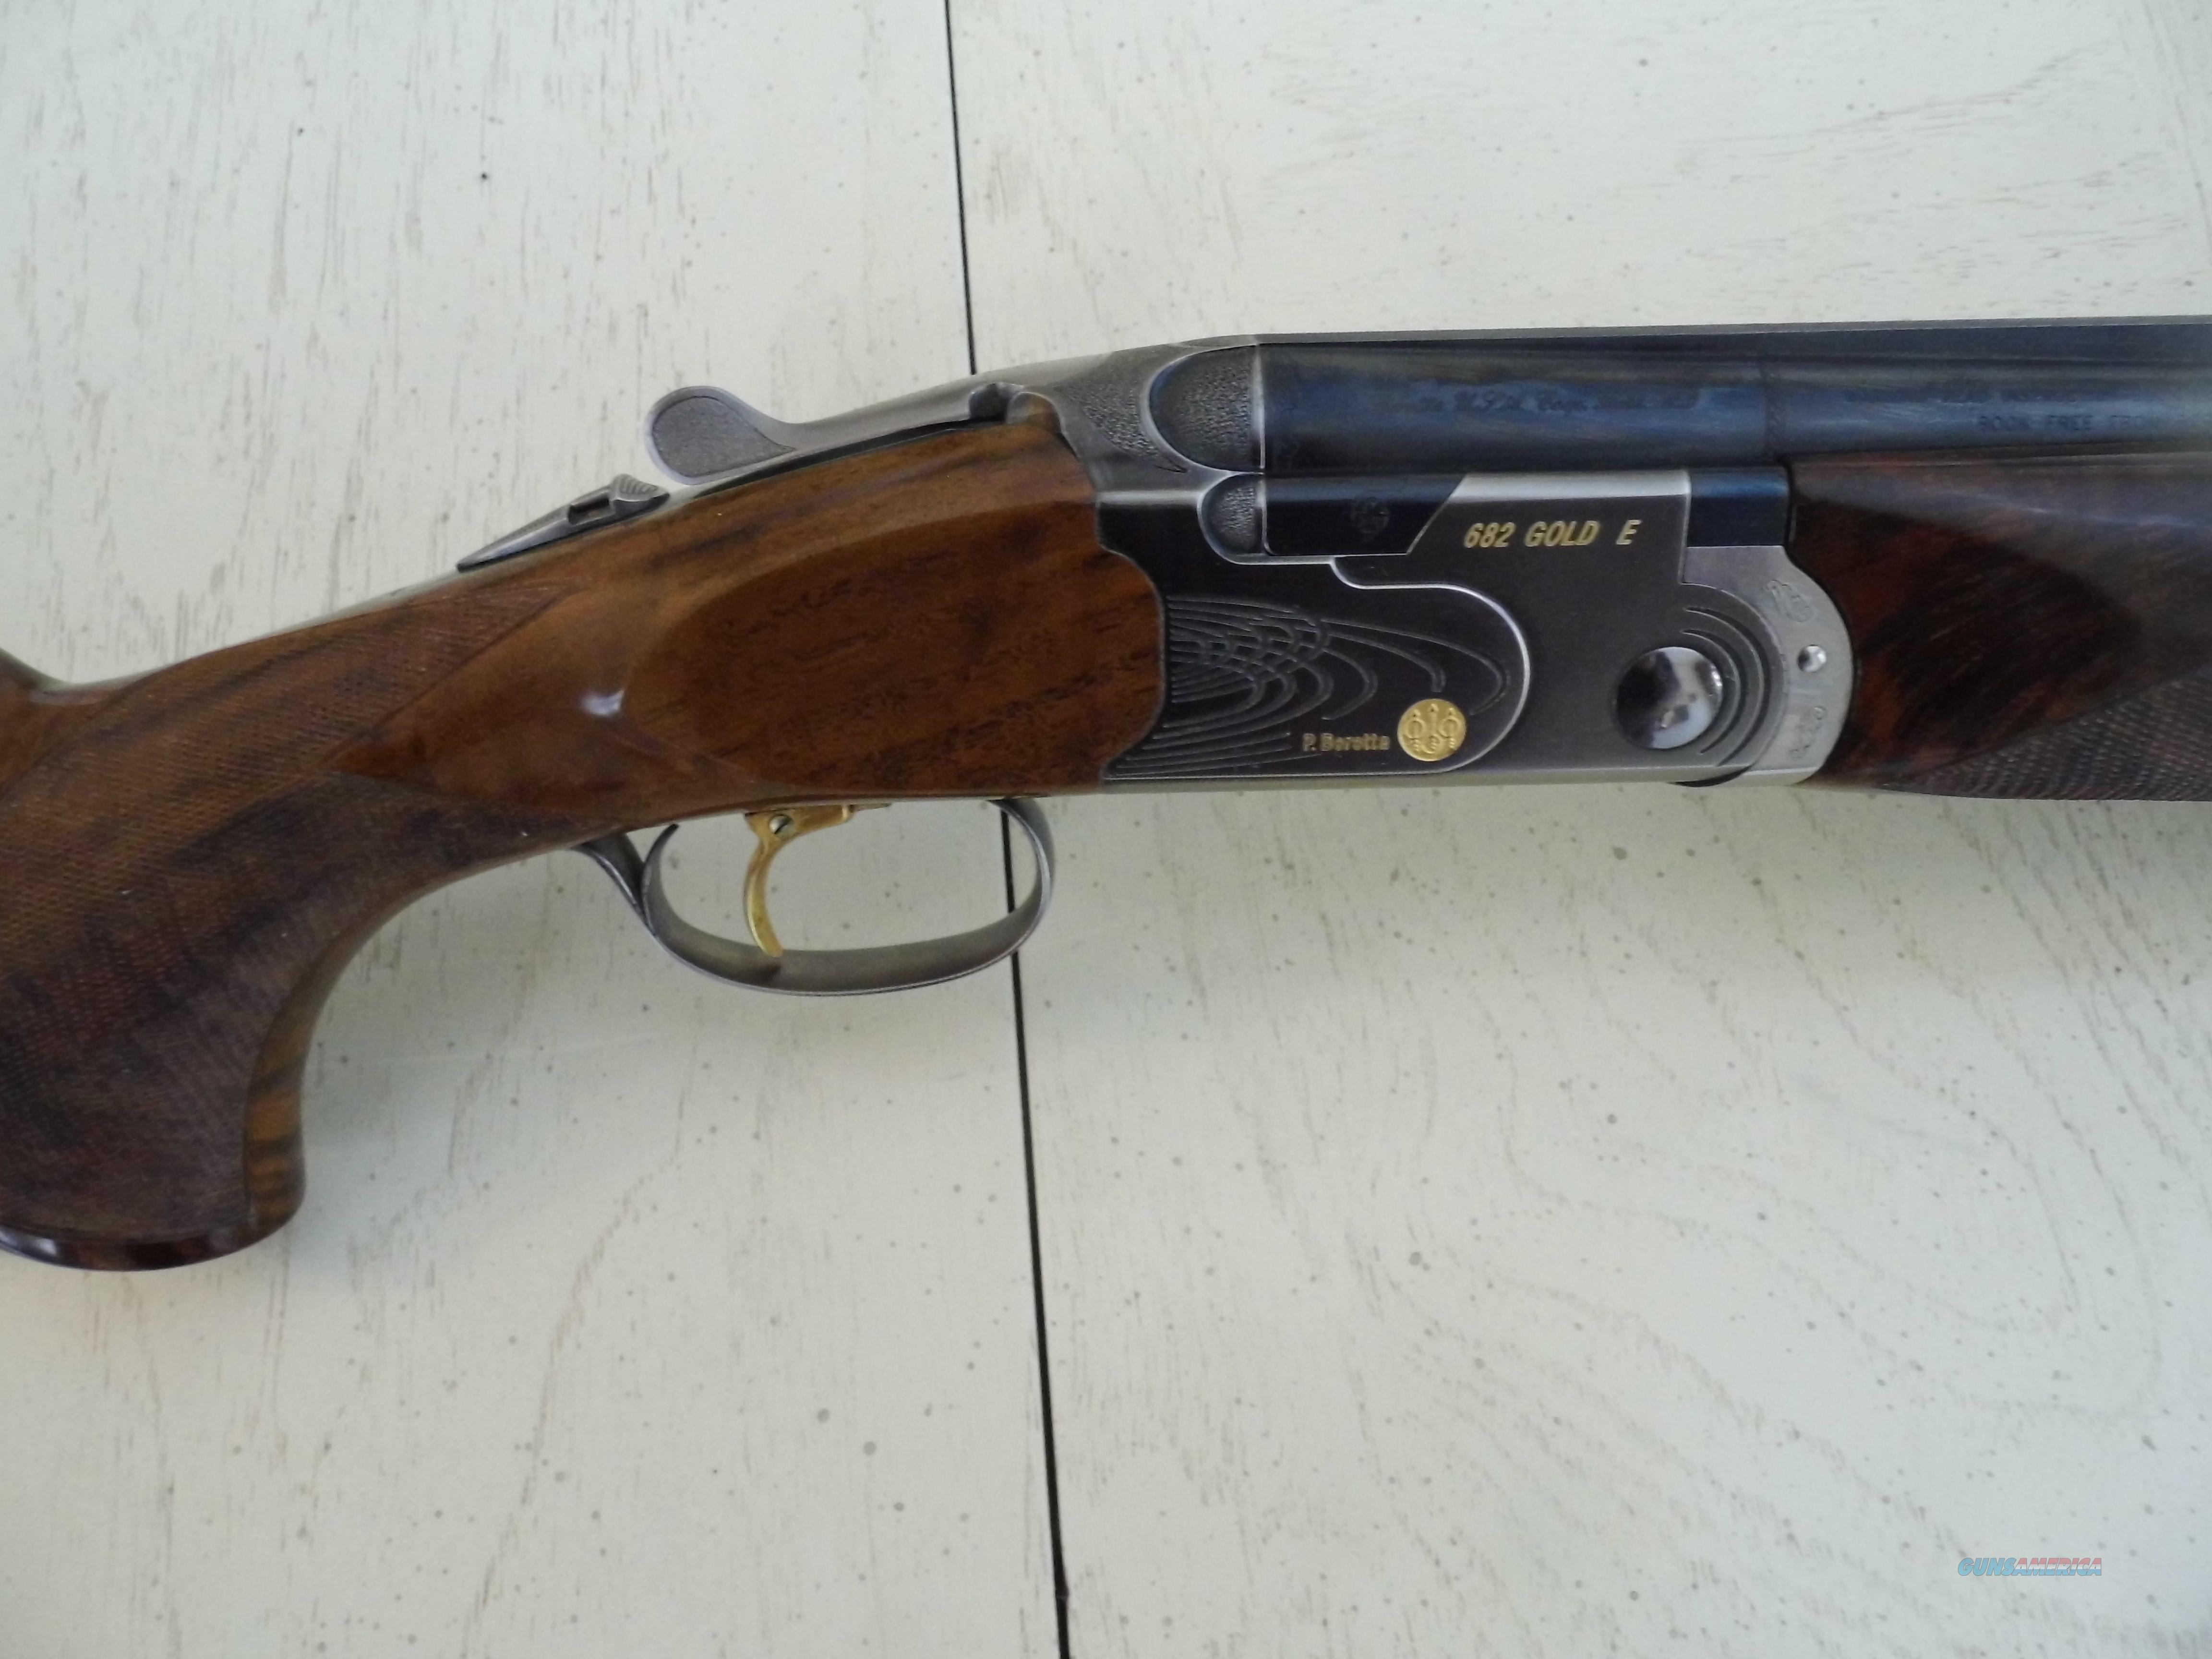 Beretta 682 Gold E 12 GA O U Sporting Clays Guns Shotguns